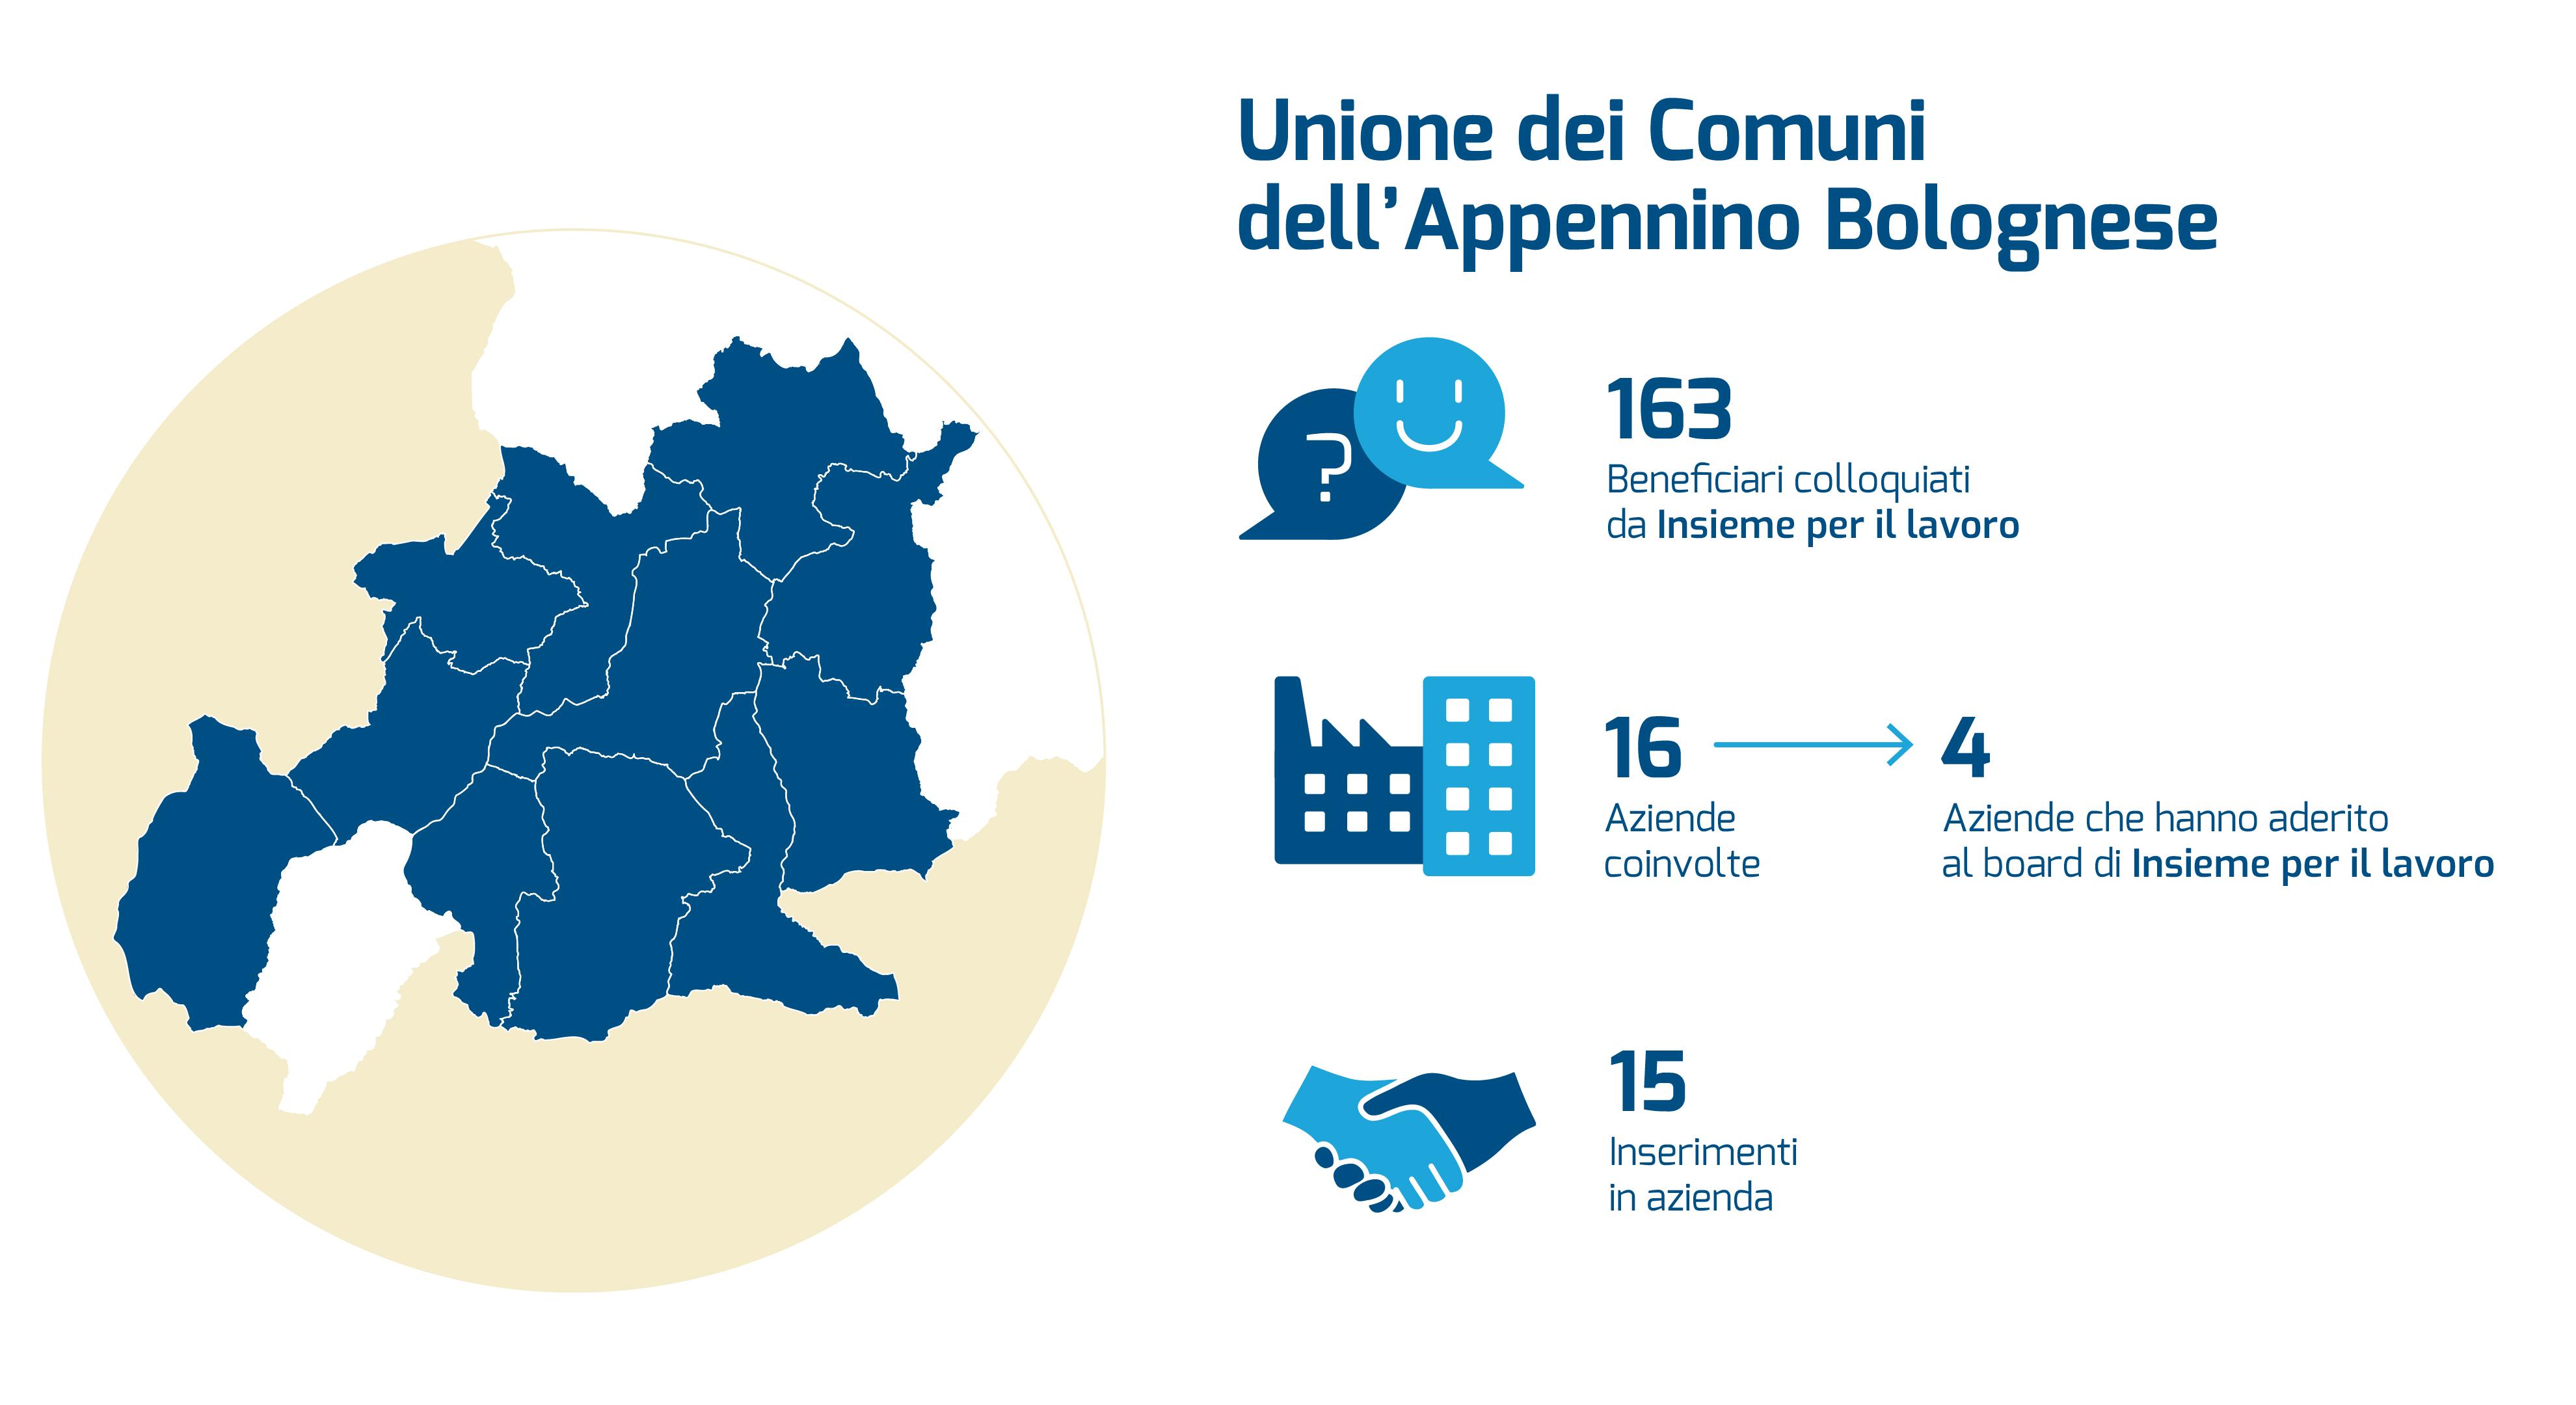 info-grafica Unione dei Comuni dell'Appennino Bolognese